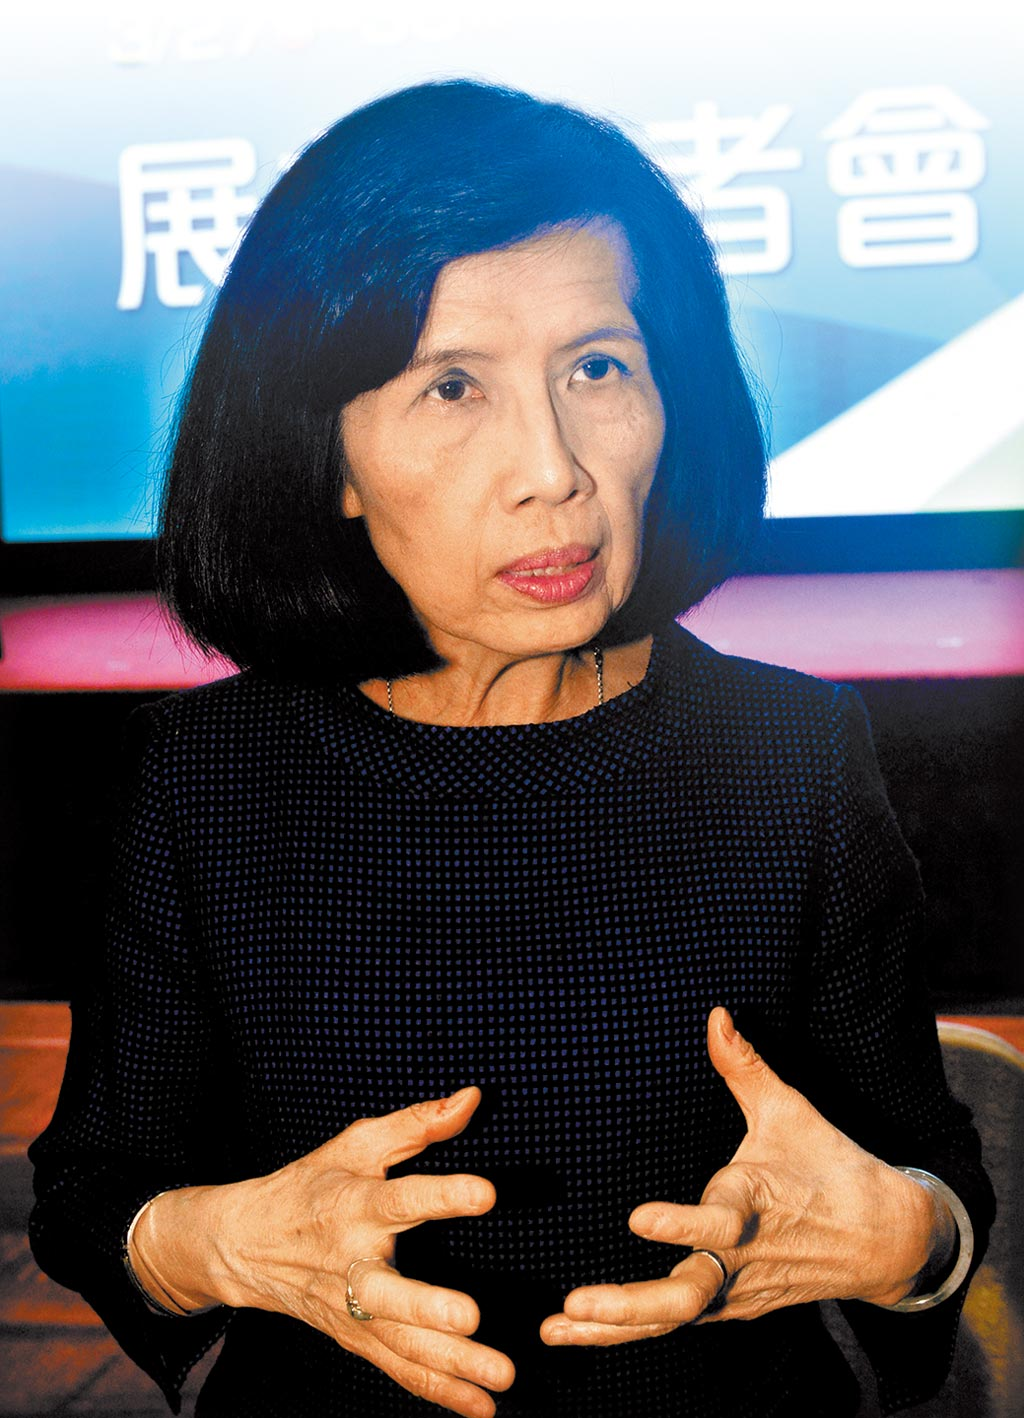 大同公司董事長林郭文艷遭投保中心決議提起裁判解任訴訟。(本報資料照片)